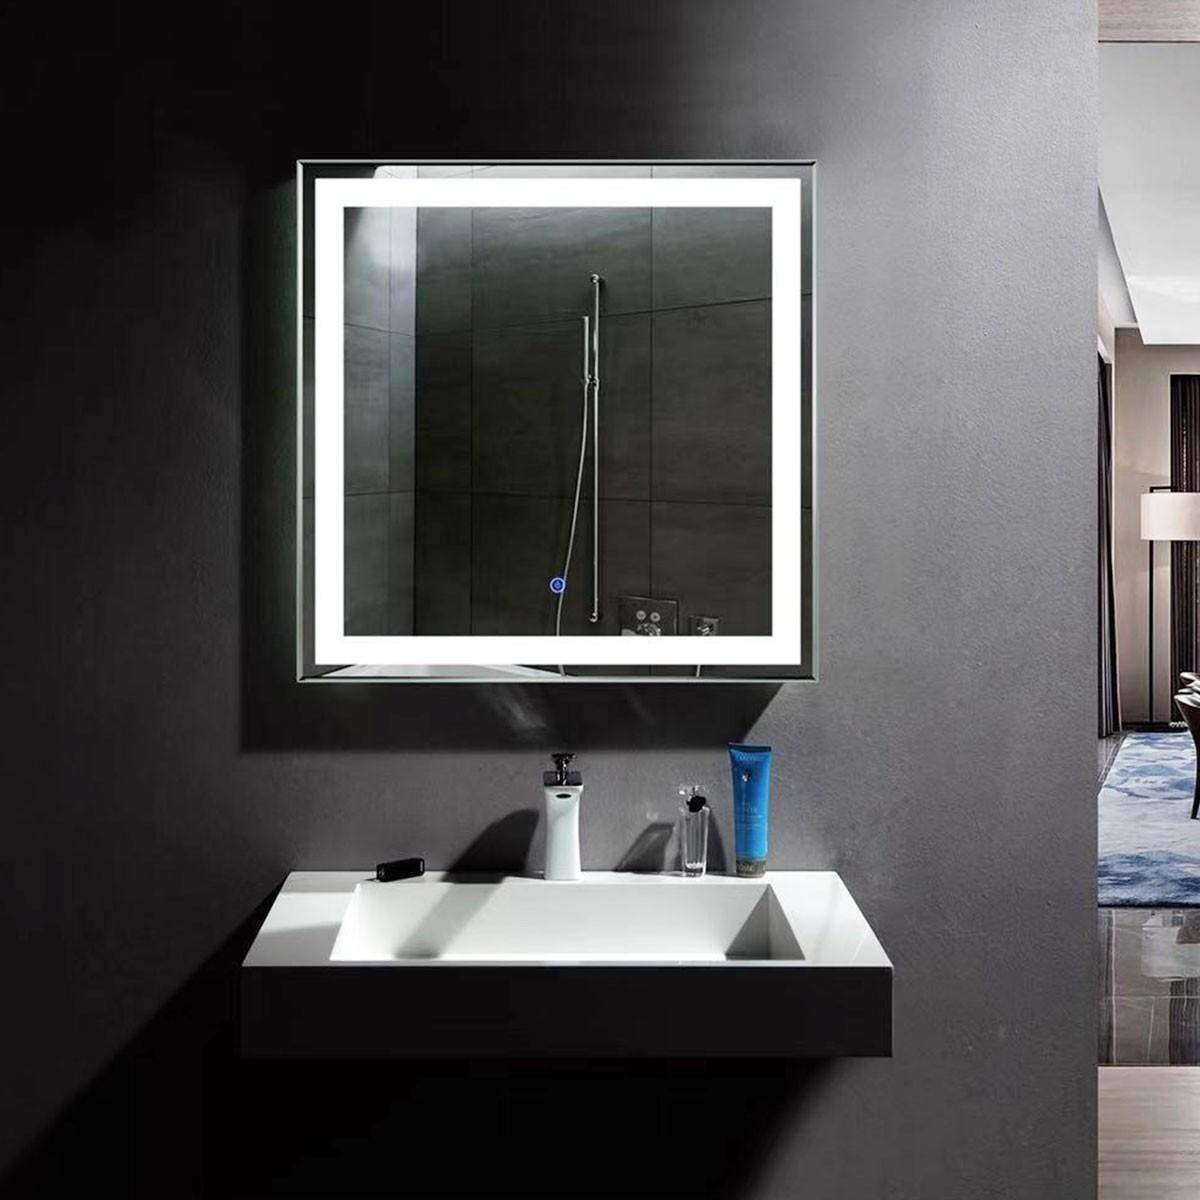 36 x 36 po miroir de salle de bain LED vertical avec bouton tactile (DK-OD-CK168-E)